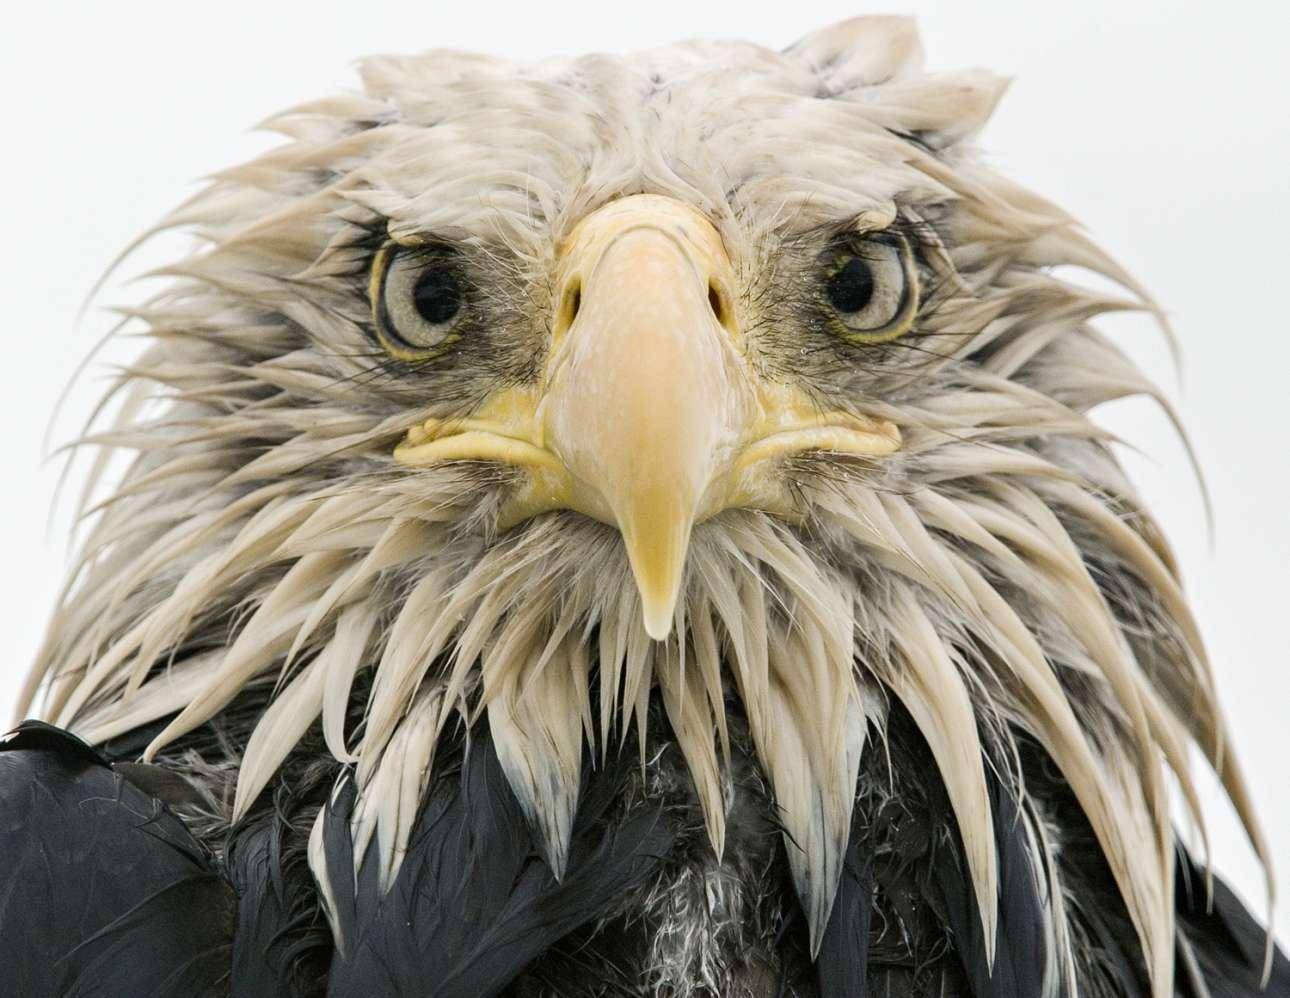 «Τολμηρός αετός». Βρεγμένος μέχρι το κόκκαλο, ένας «φαλακρός» αετός πλησιάζει γεμάτος θάρρος την κάμερα, στο νησί Αμακνάκ της Αλάσκα